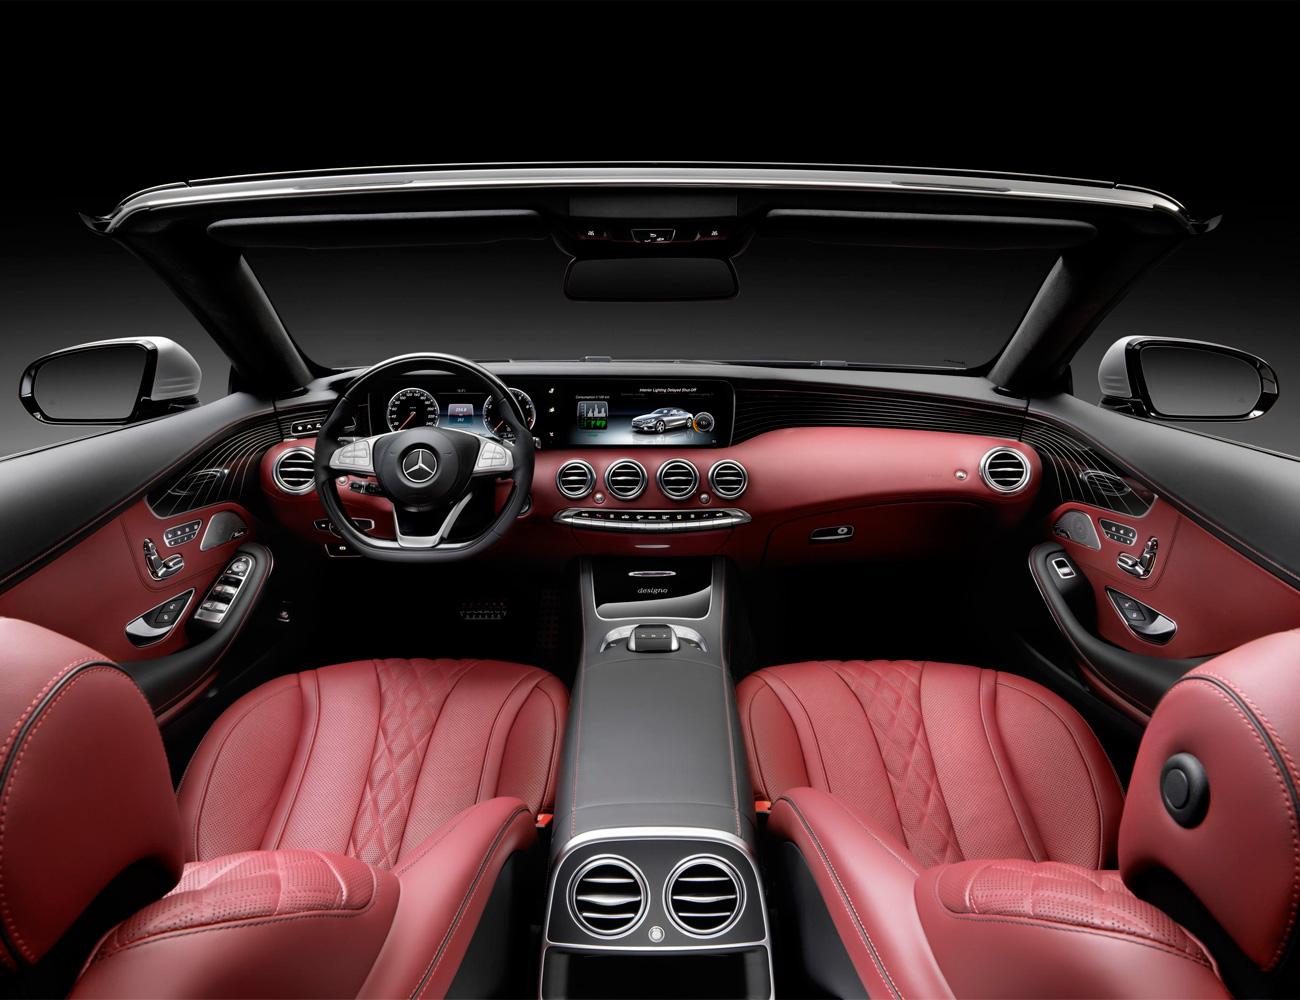 """Картинки по запросу """"Mercedes-Benz S-Class Cabriolet салон"""""""""""